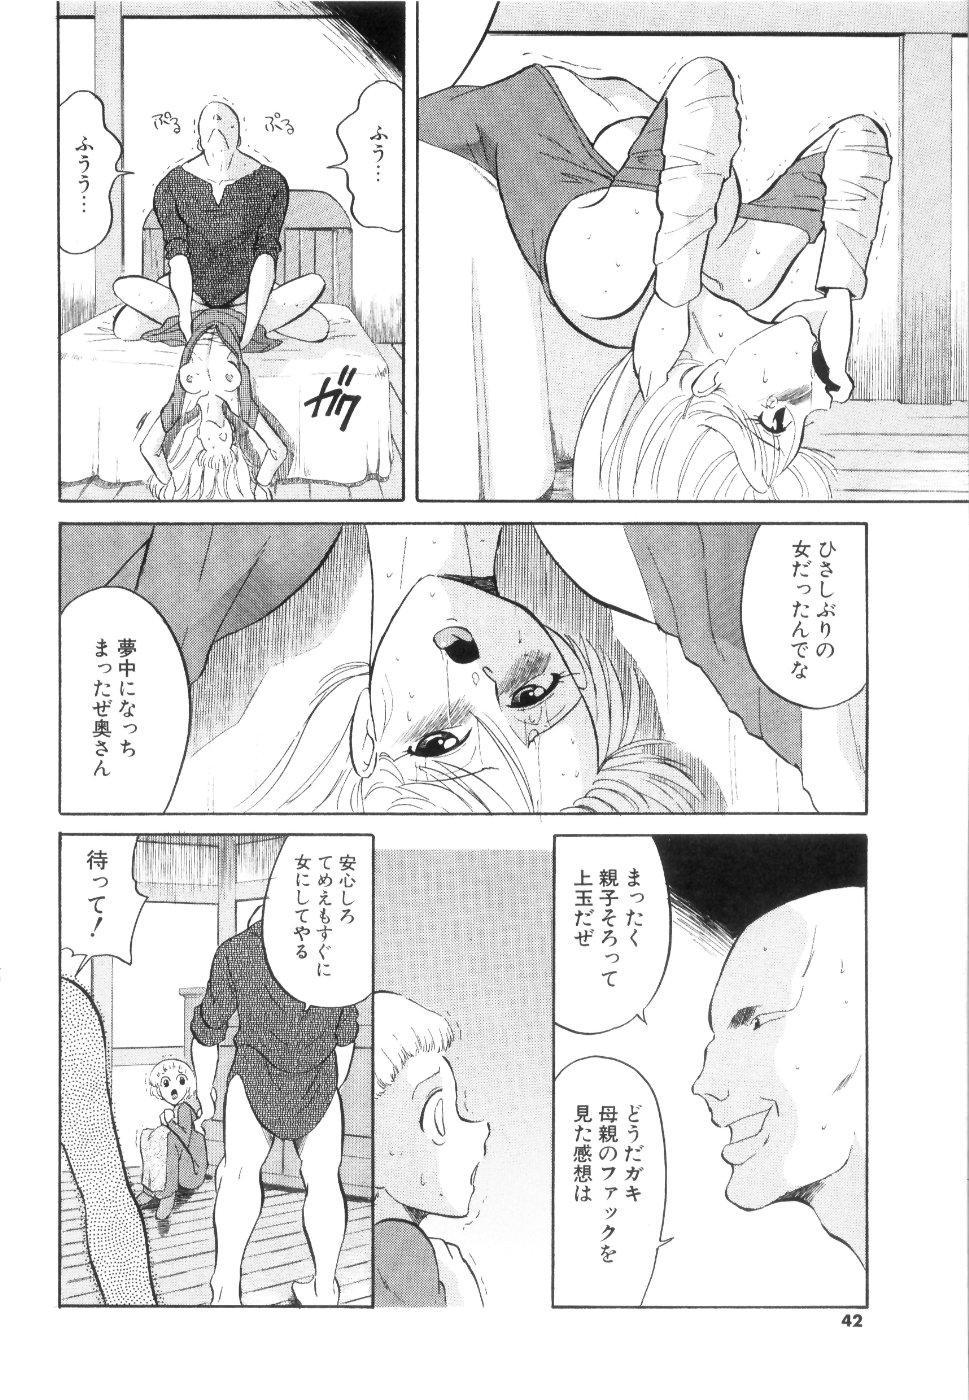 [Dozamura] Doguu -Dozamura Guuwa- Kuro 42